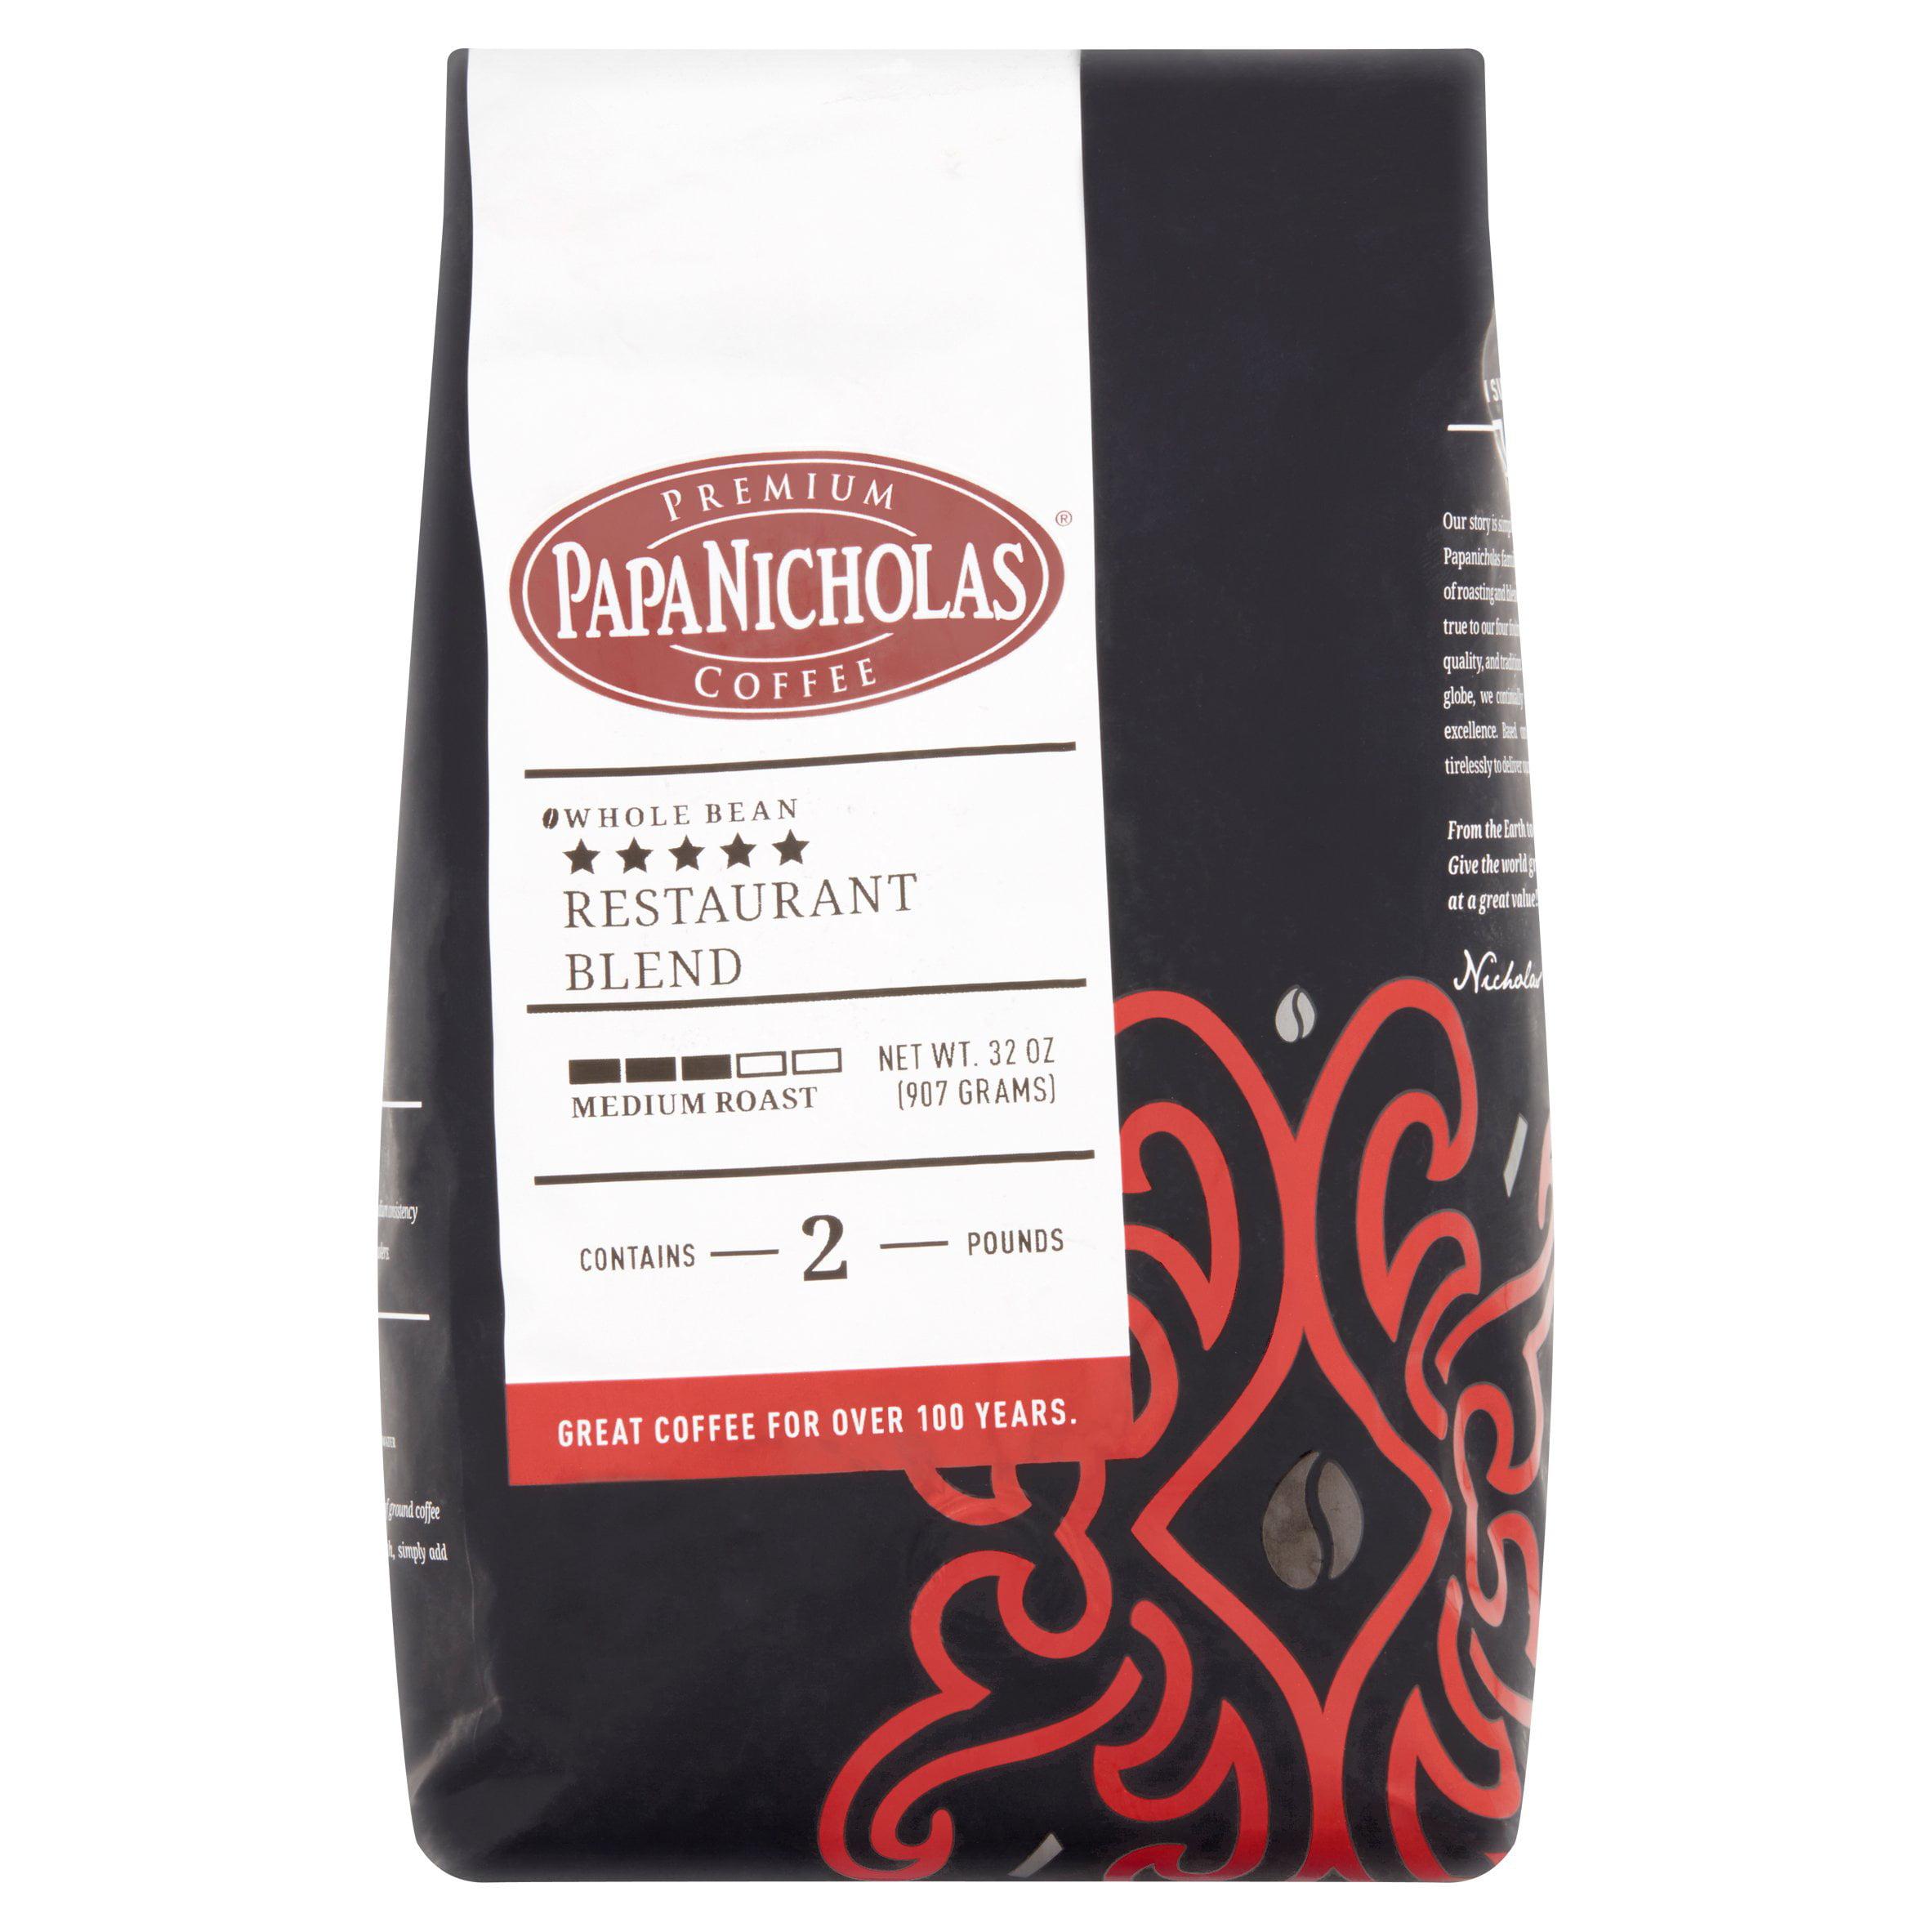 PapaNicholas Coffee 5-Star Restaurant Blend Whole Bean 2lb Bag